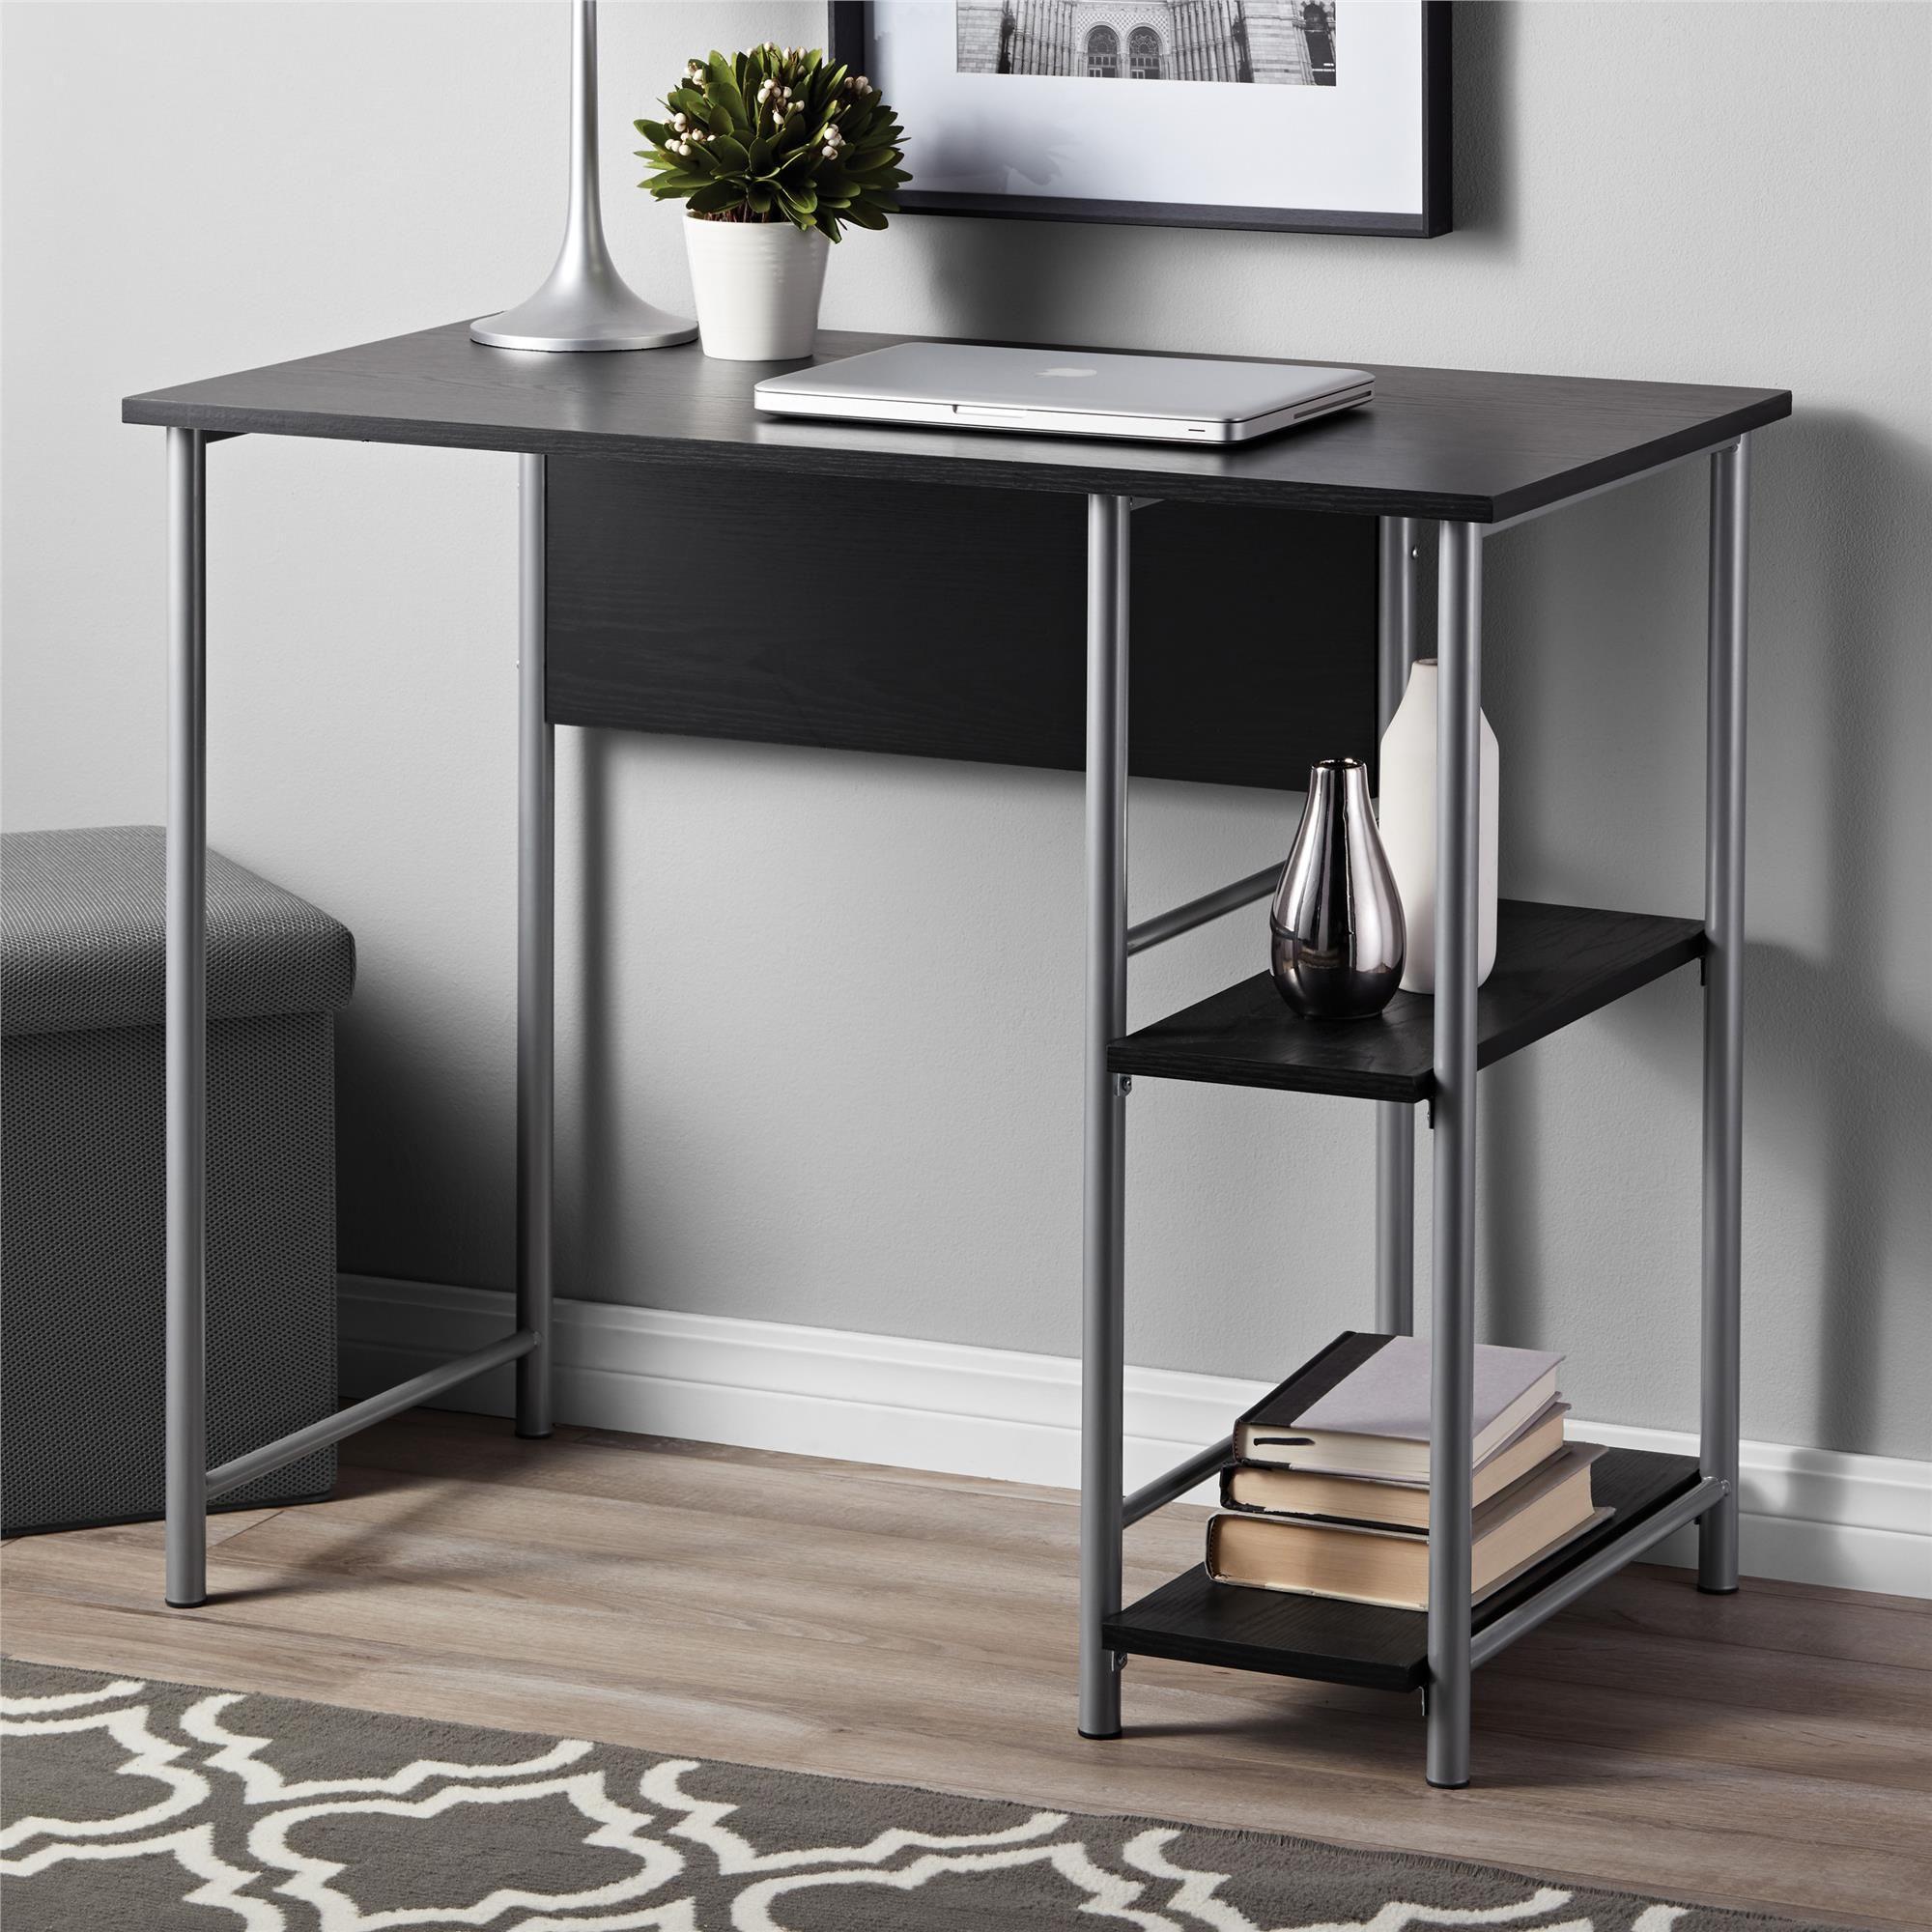 Mainstays Basic Metal Student Computer Desk Multiple Colors Available Walmart Com In 2020 Metal Office Desk Modern Metal Desk Black Desk